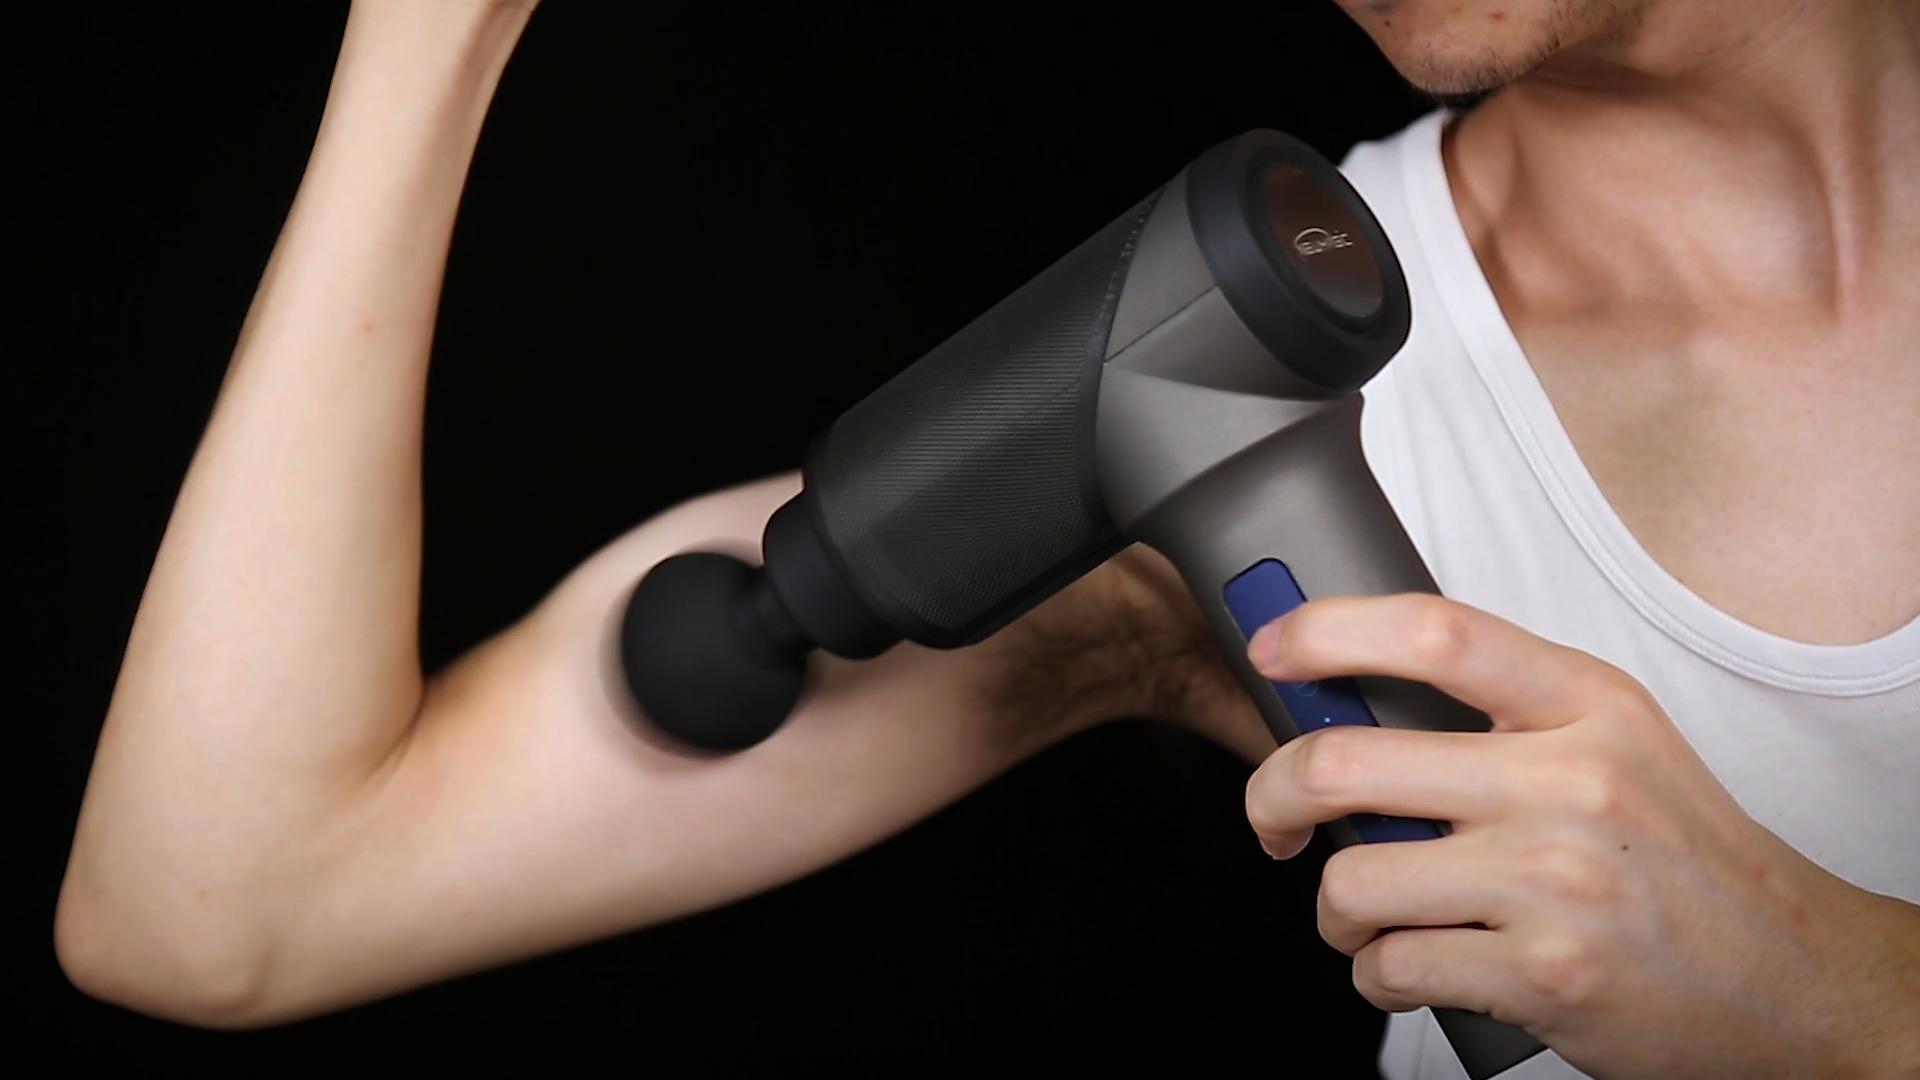 Cuerpo masajeador máquina de tejido profundo masaje arma